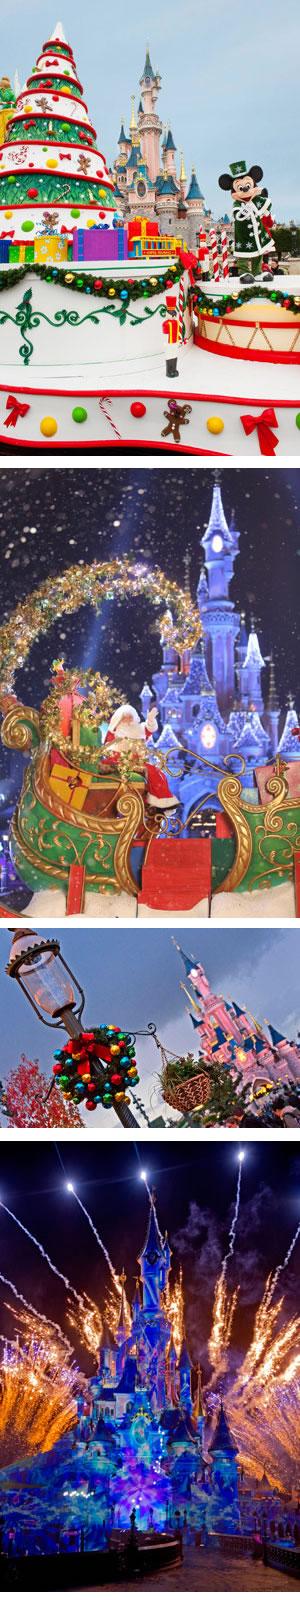 Wintertime at Disneyland® Paris